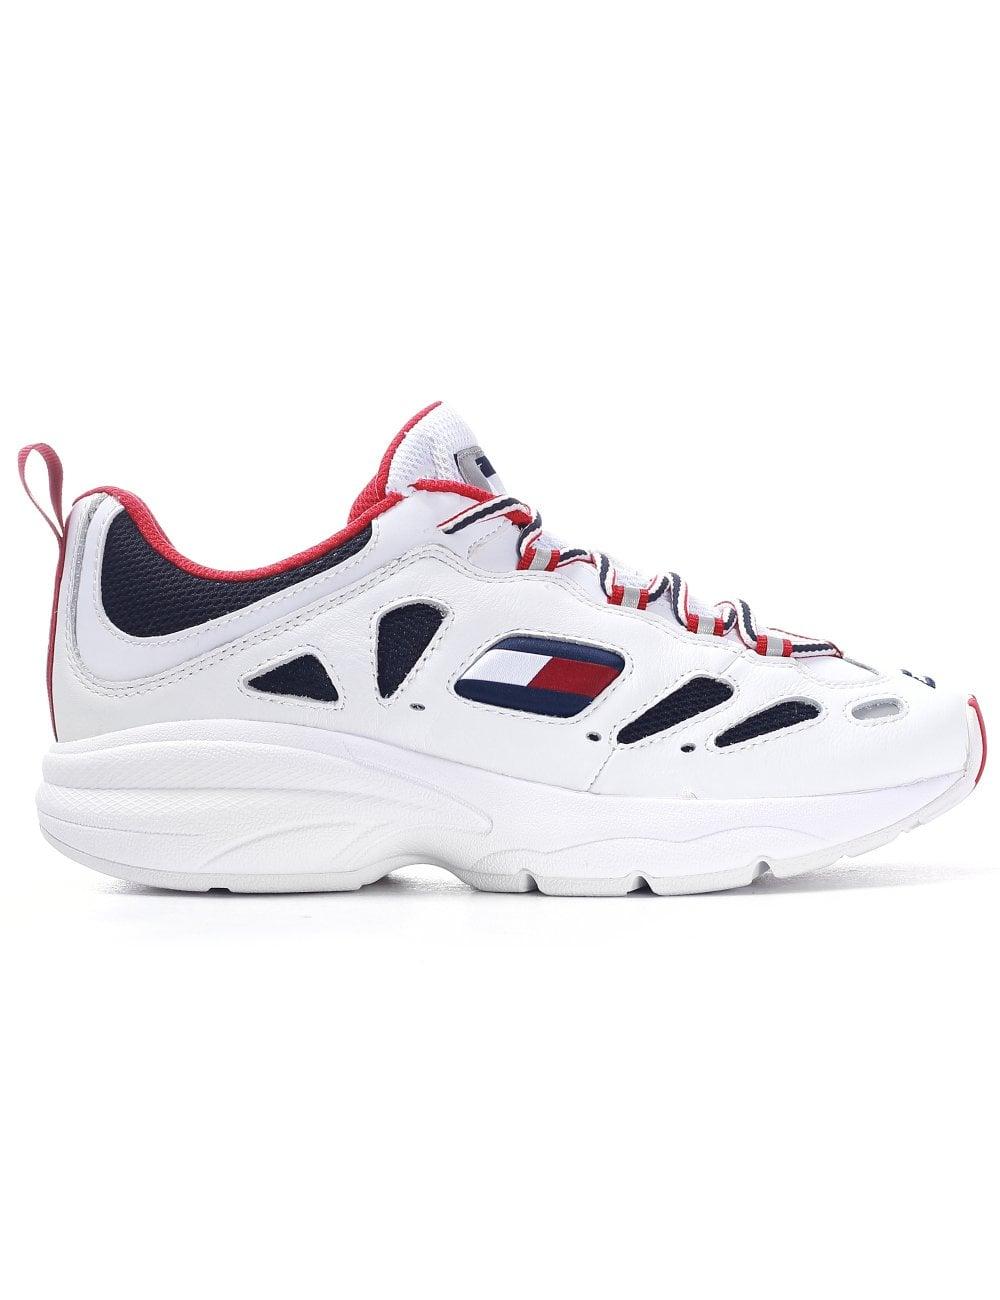 separation shoes a975c 58cc2 Women's Heritage Retro Sneaker